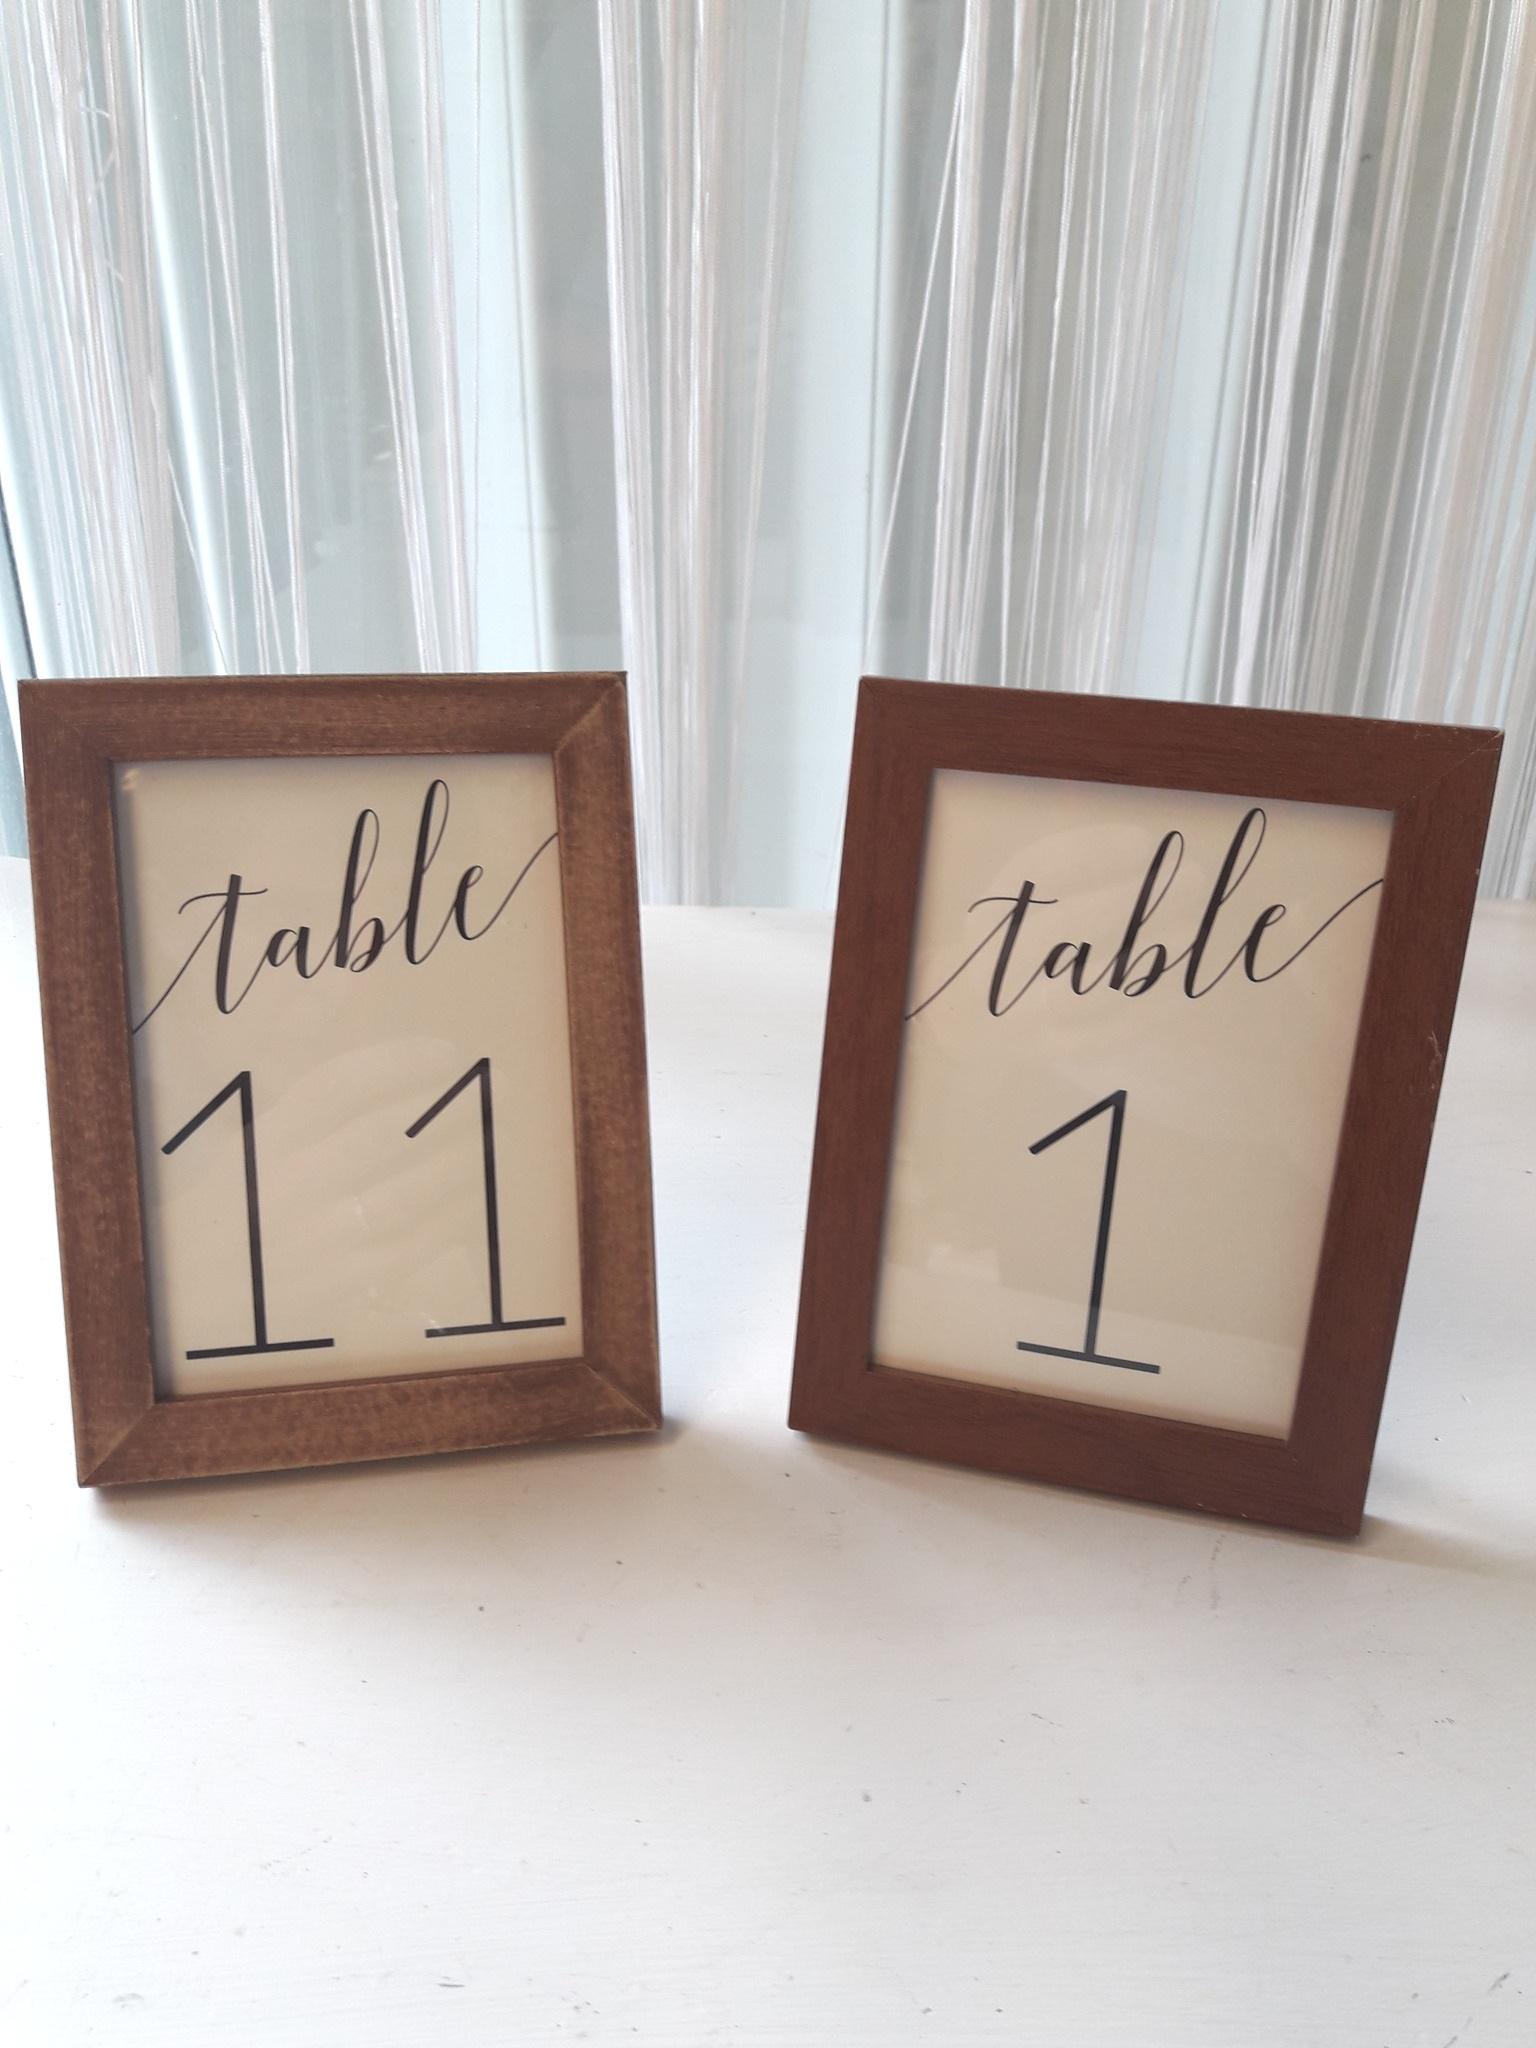 wood-frames-11_Easy-Resize.com.jpg